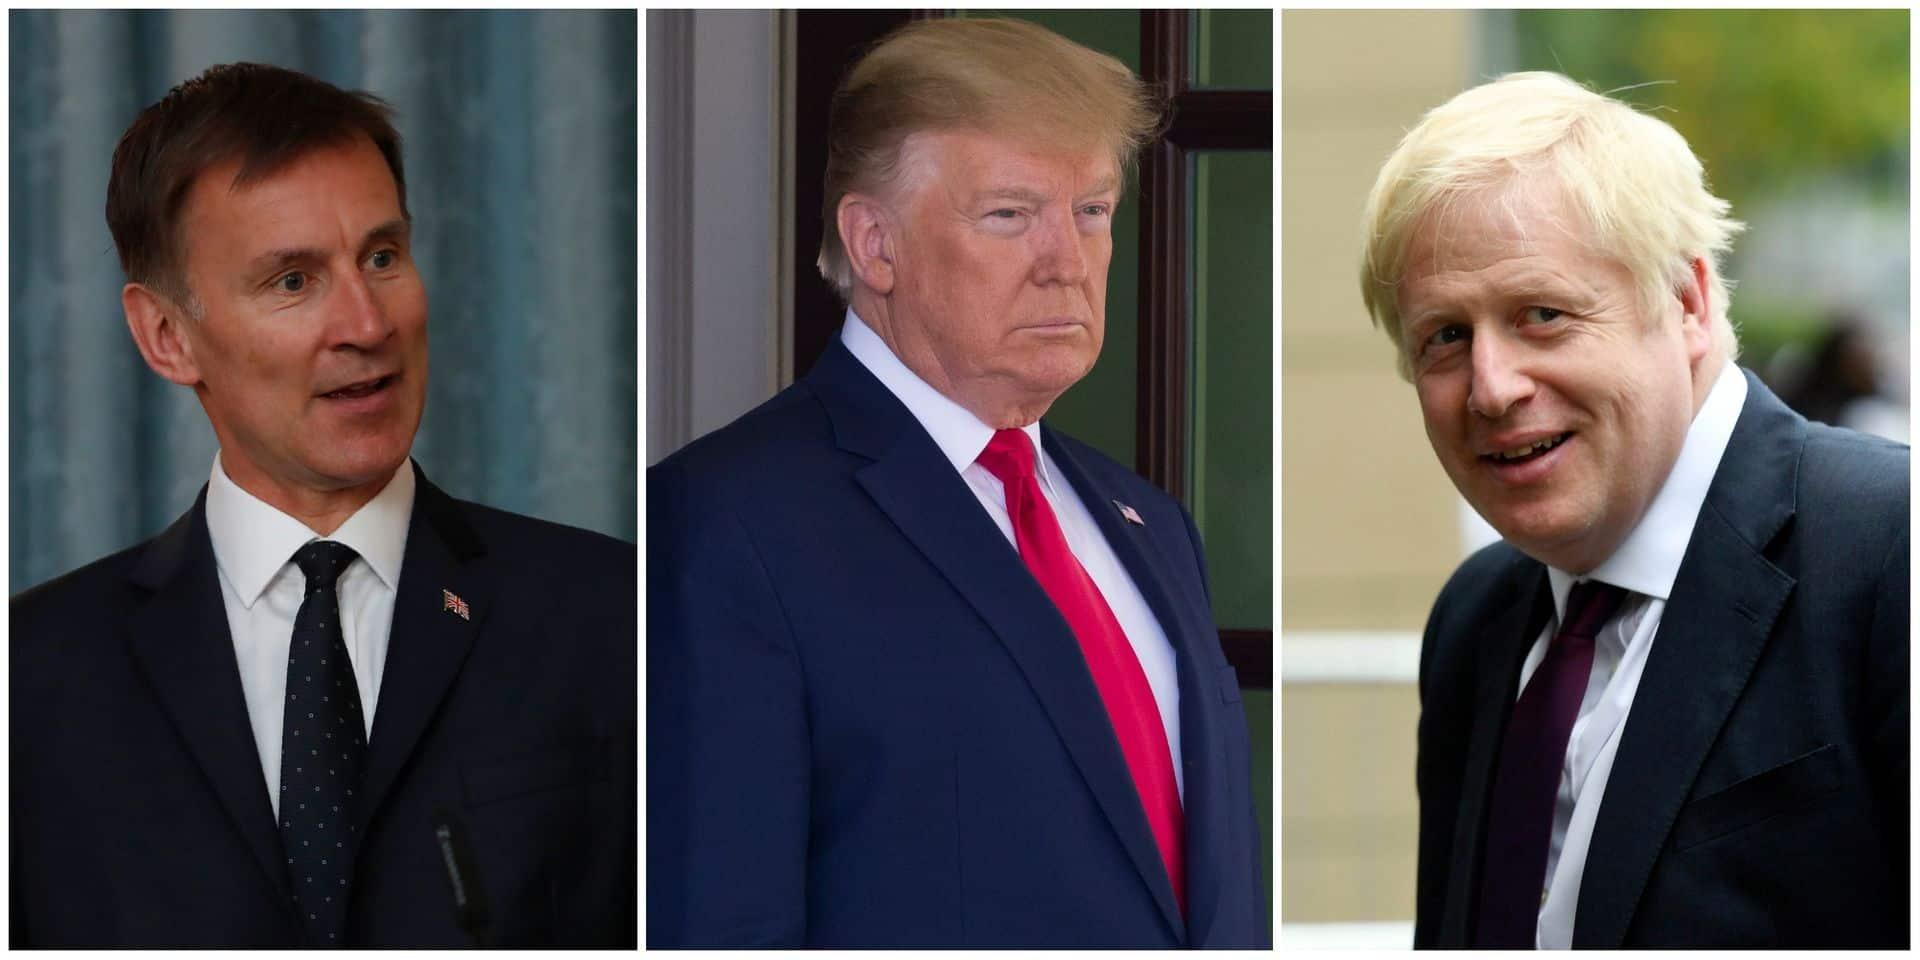 Les deux candidats à la succession de May réagissent tout à fait différemment aux attaques de Trump